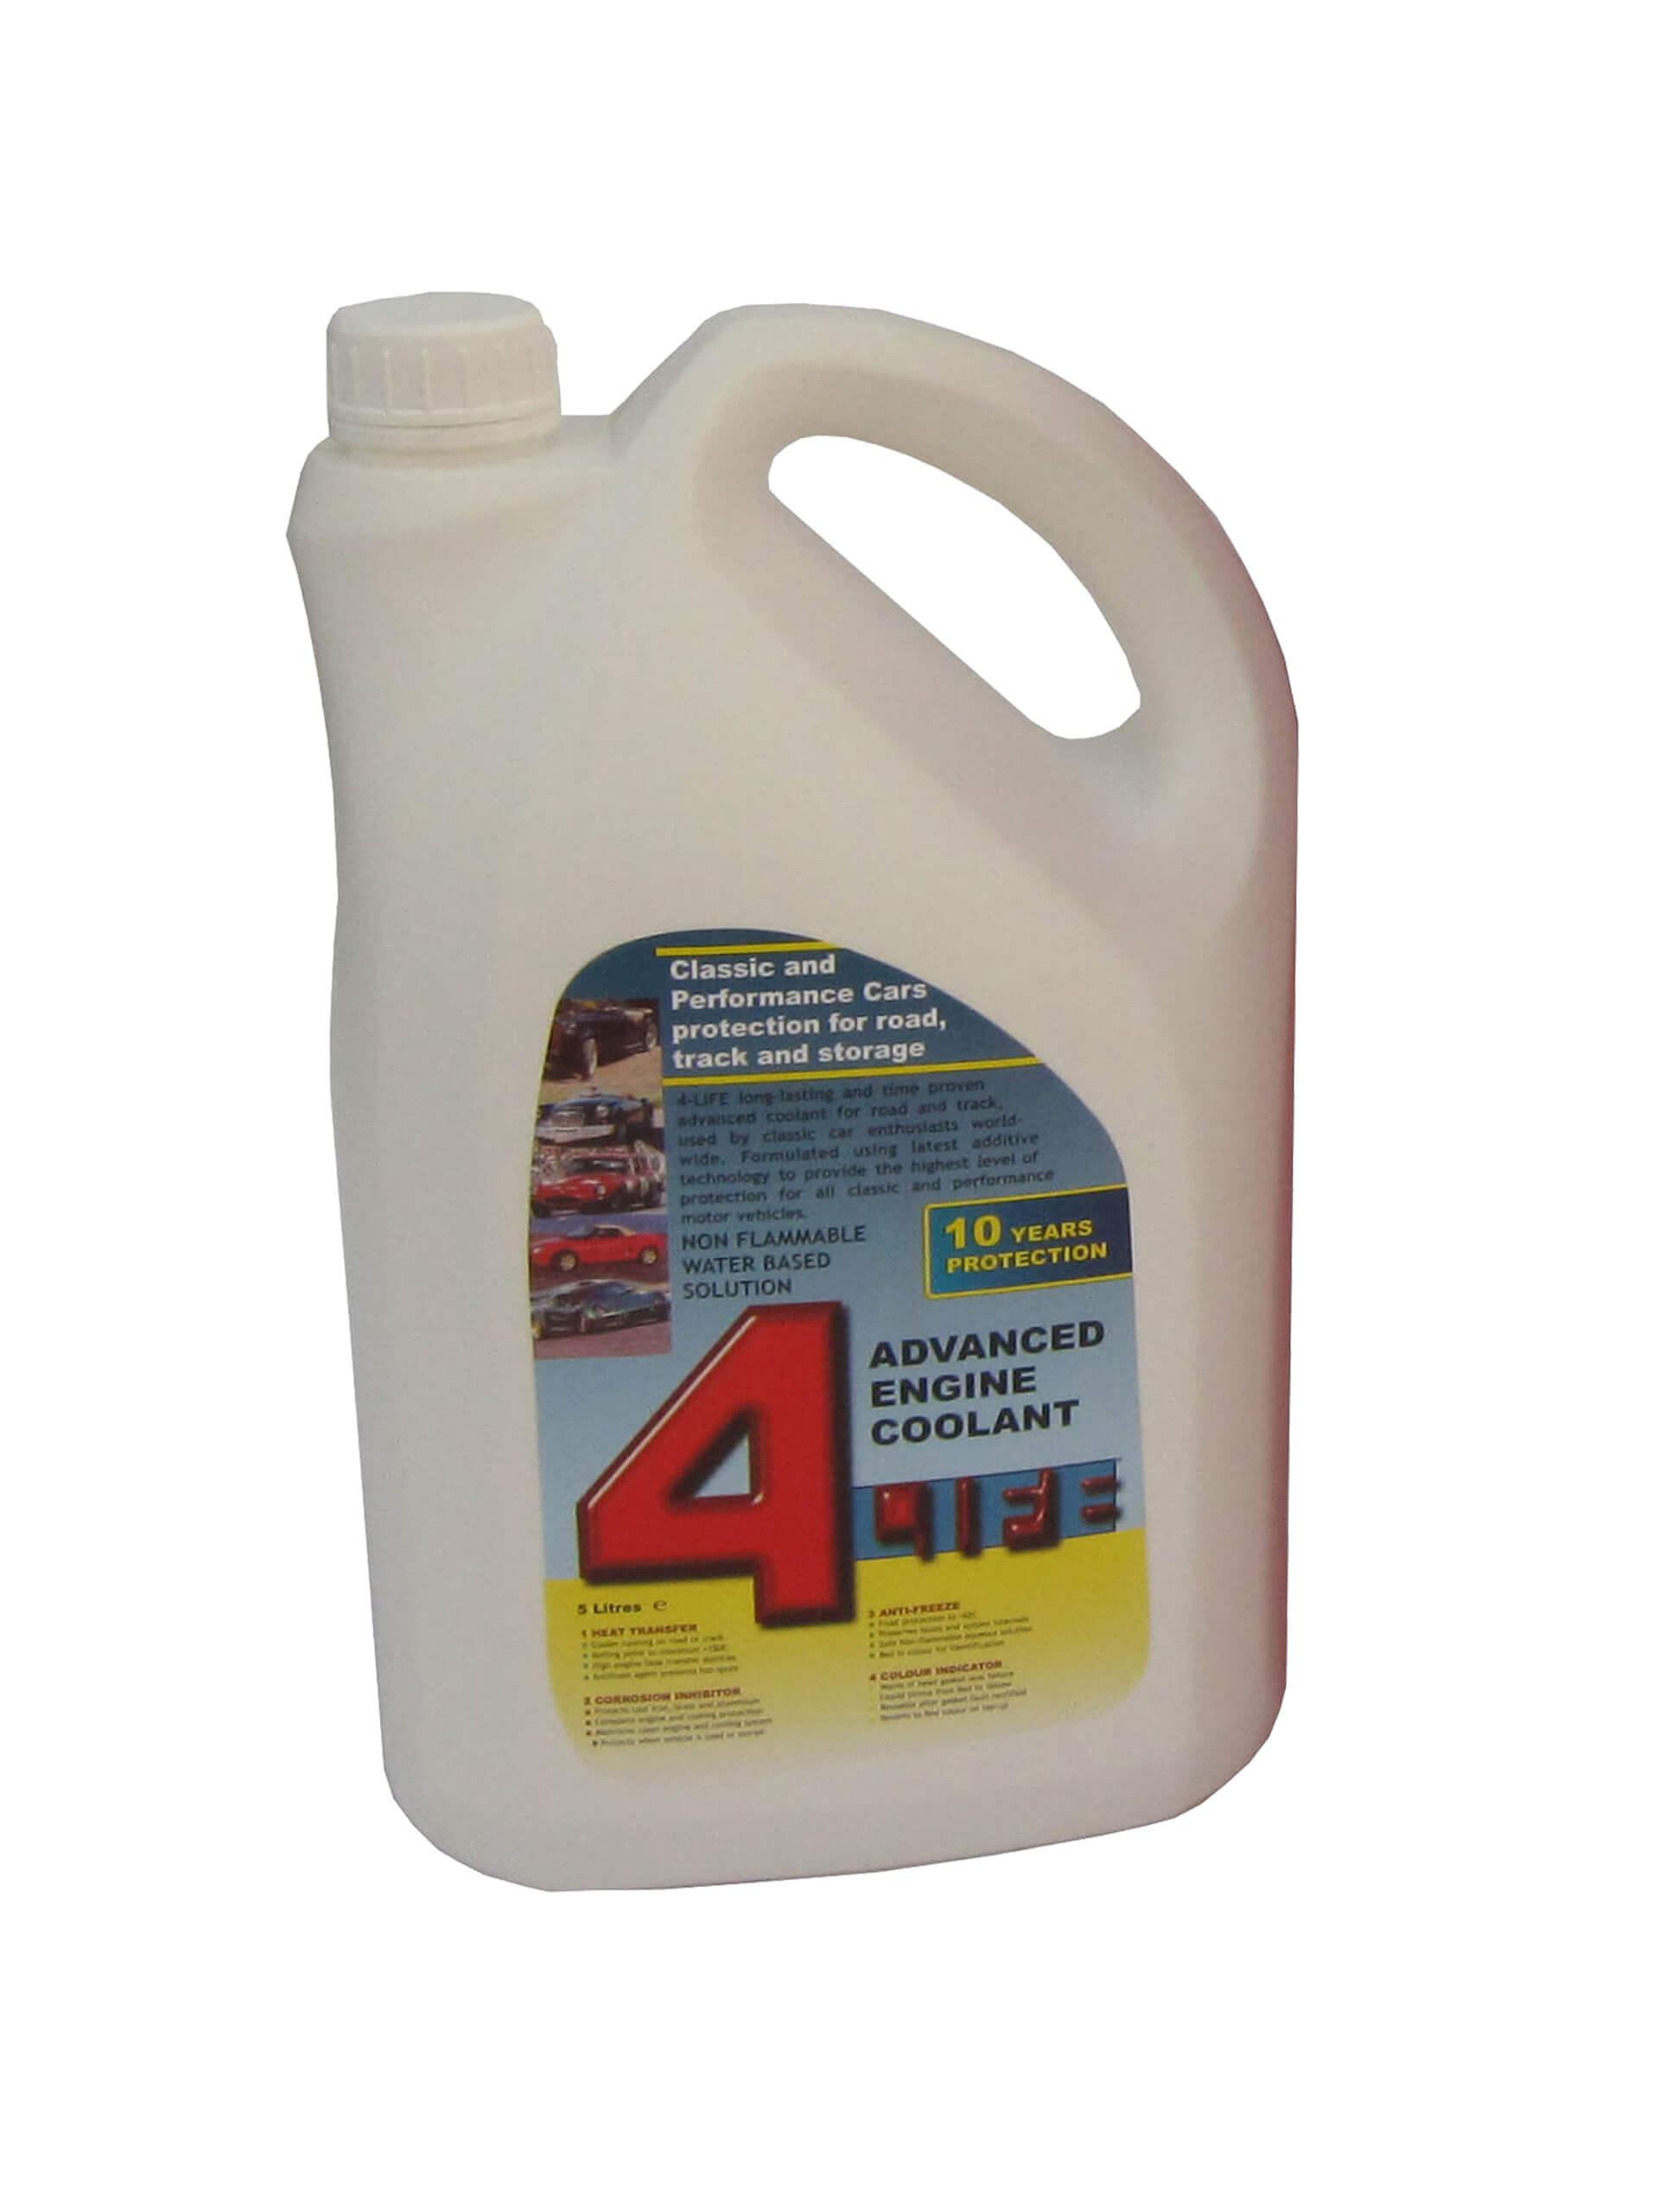 Forlife 5 litre bottle